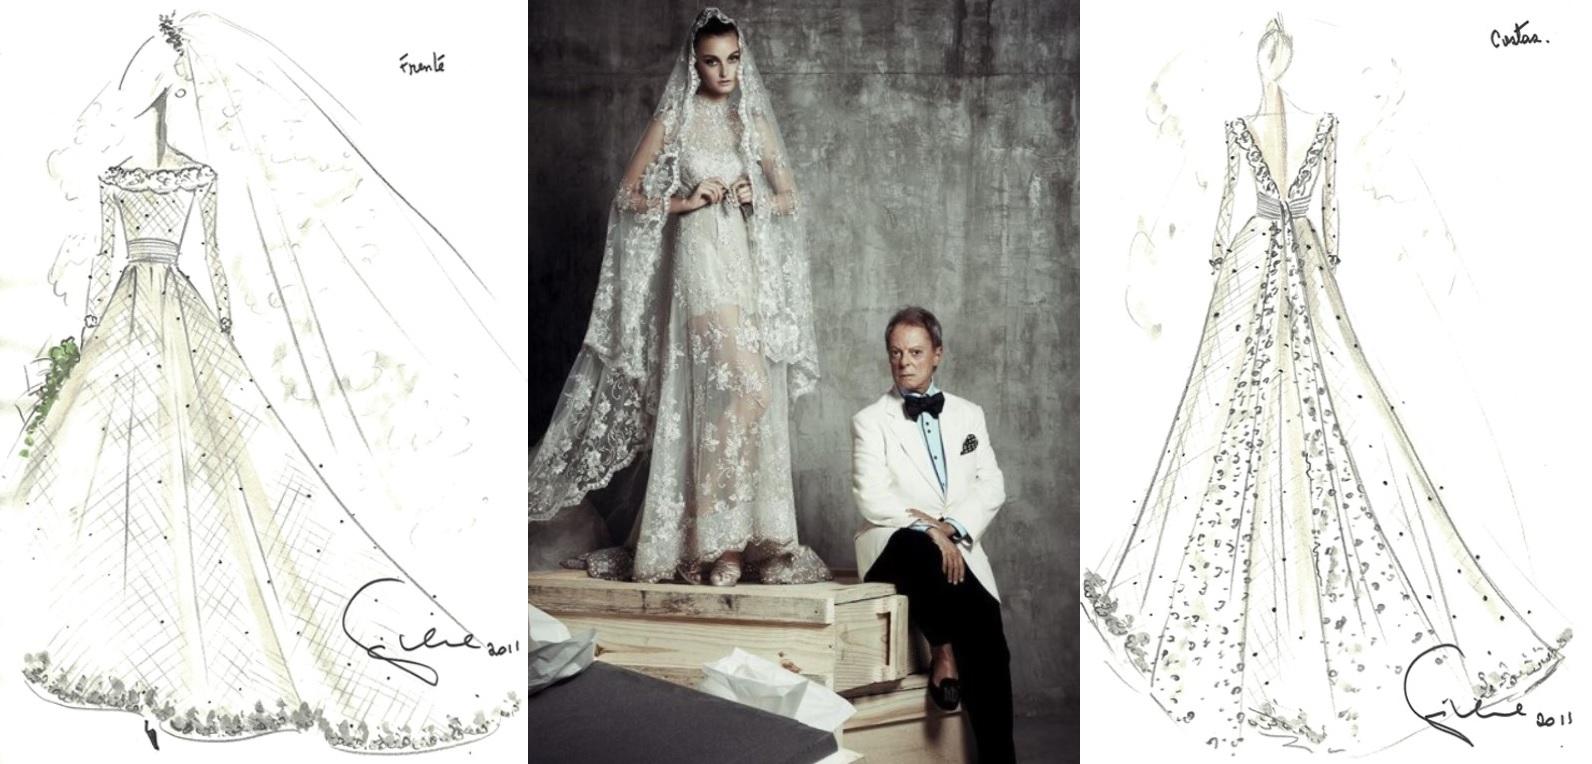 Croquis de um vestido noiva de Guilherme Guimarães de 2011 feitos para um concursos de vestidos para o casamento de Kate Middleton e uma foto do estilista posando com uma modelo vestida de noiva